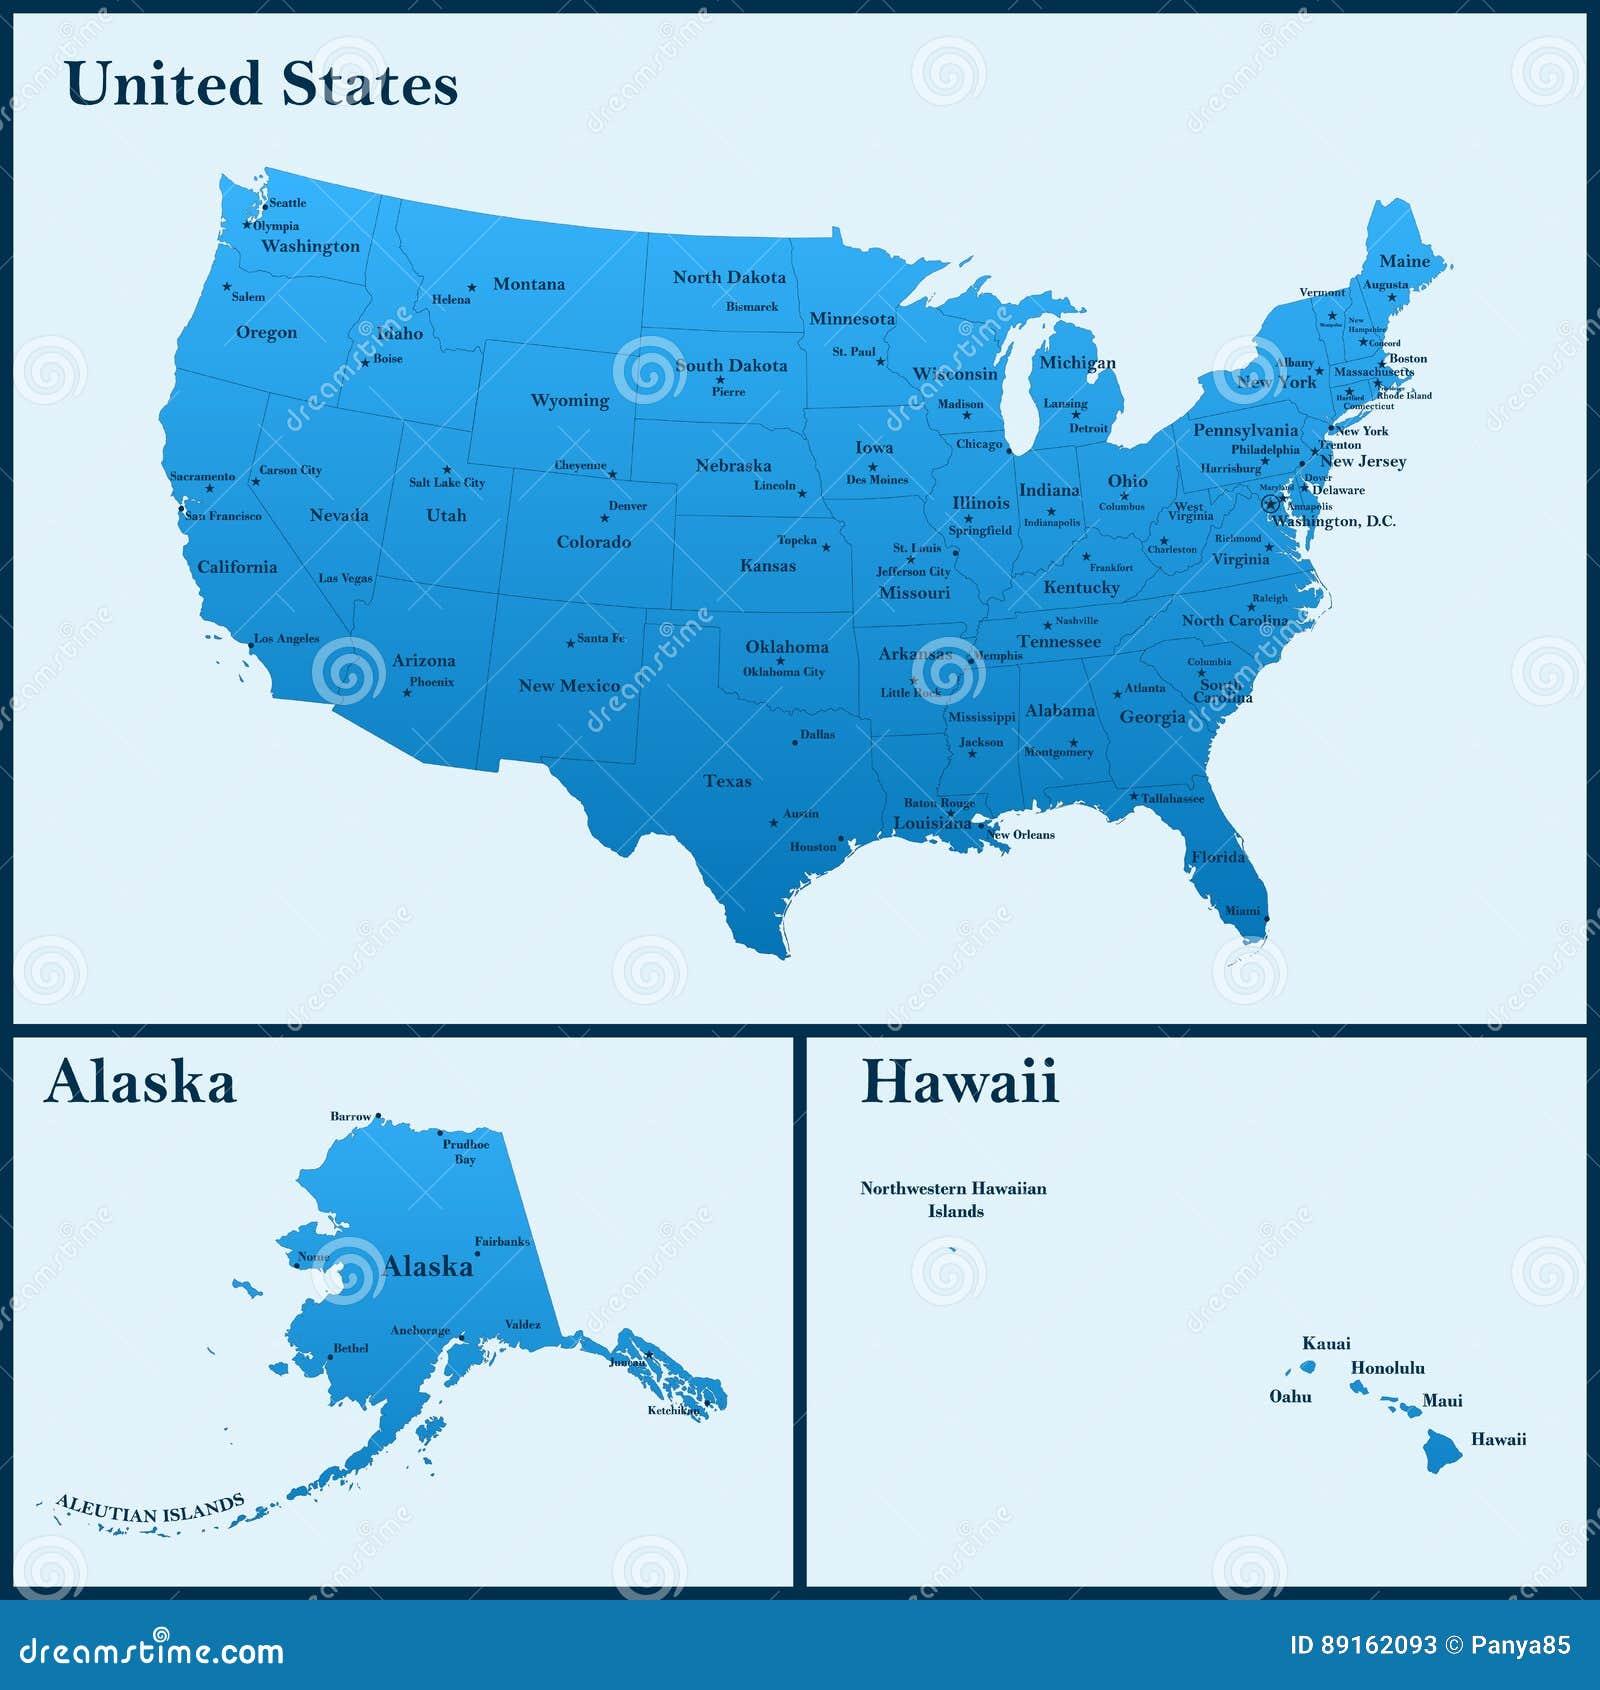 Die Ausfuhrliche Karte Der Usa Einschliesslich Alaska Und Hawaii